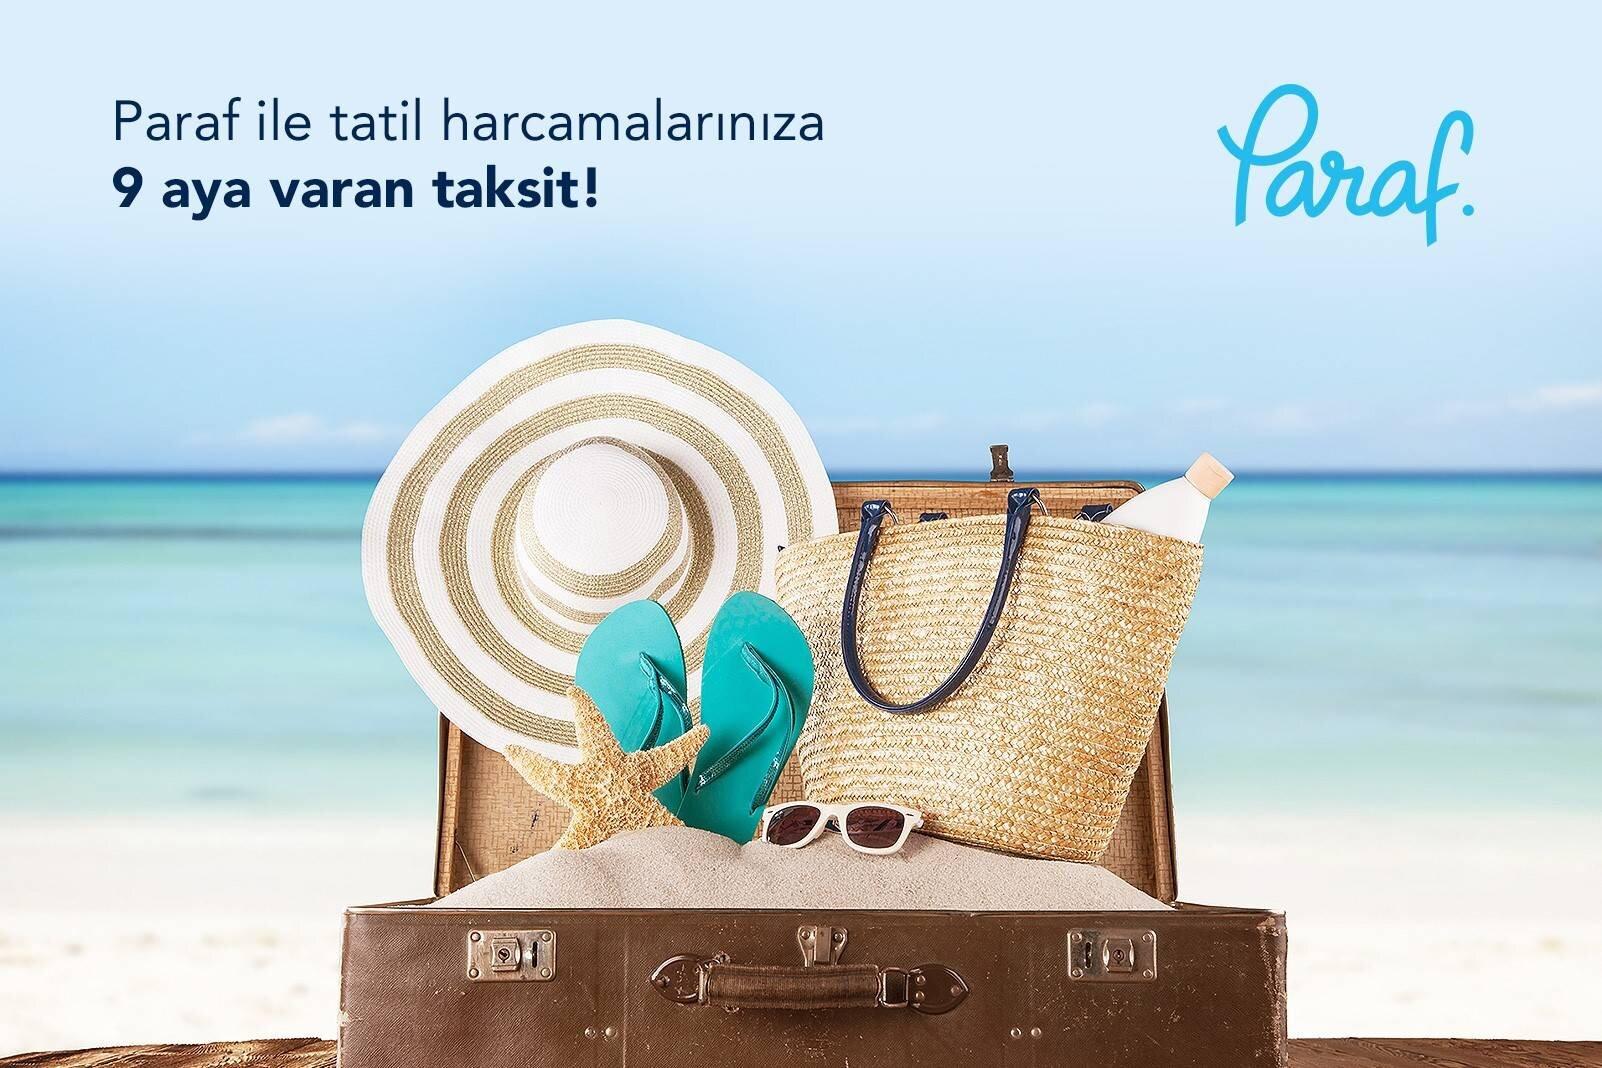 Paraf Card ile Tatil Harcamalarınıza 9 Aya Varan Taksit!